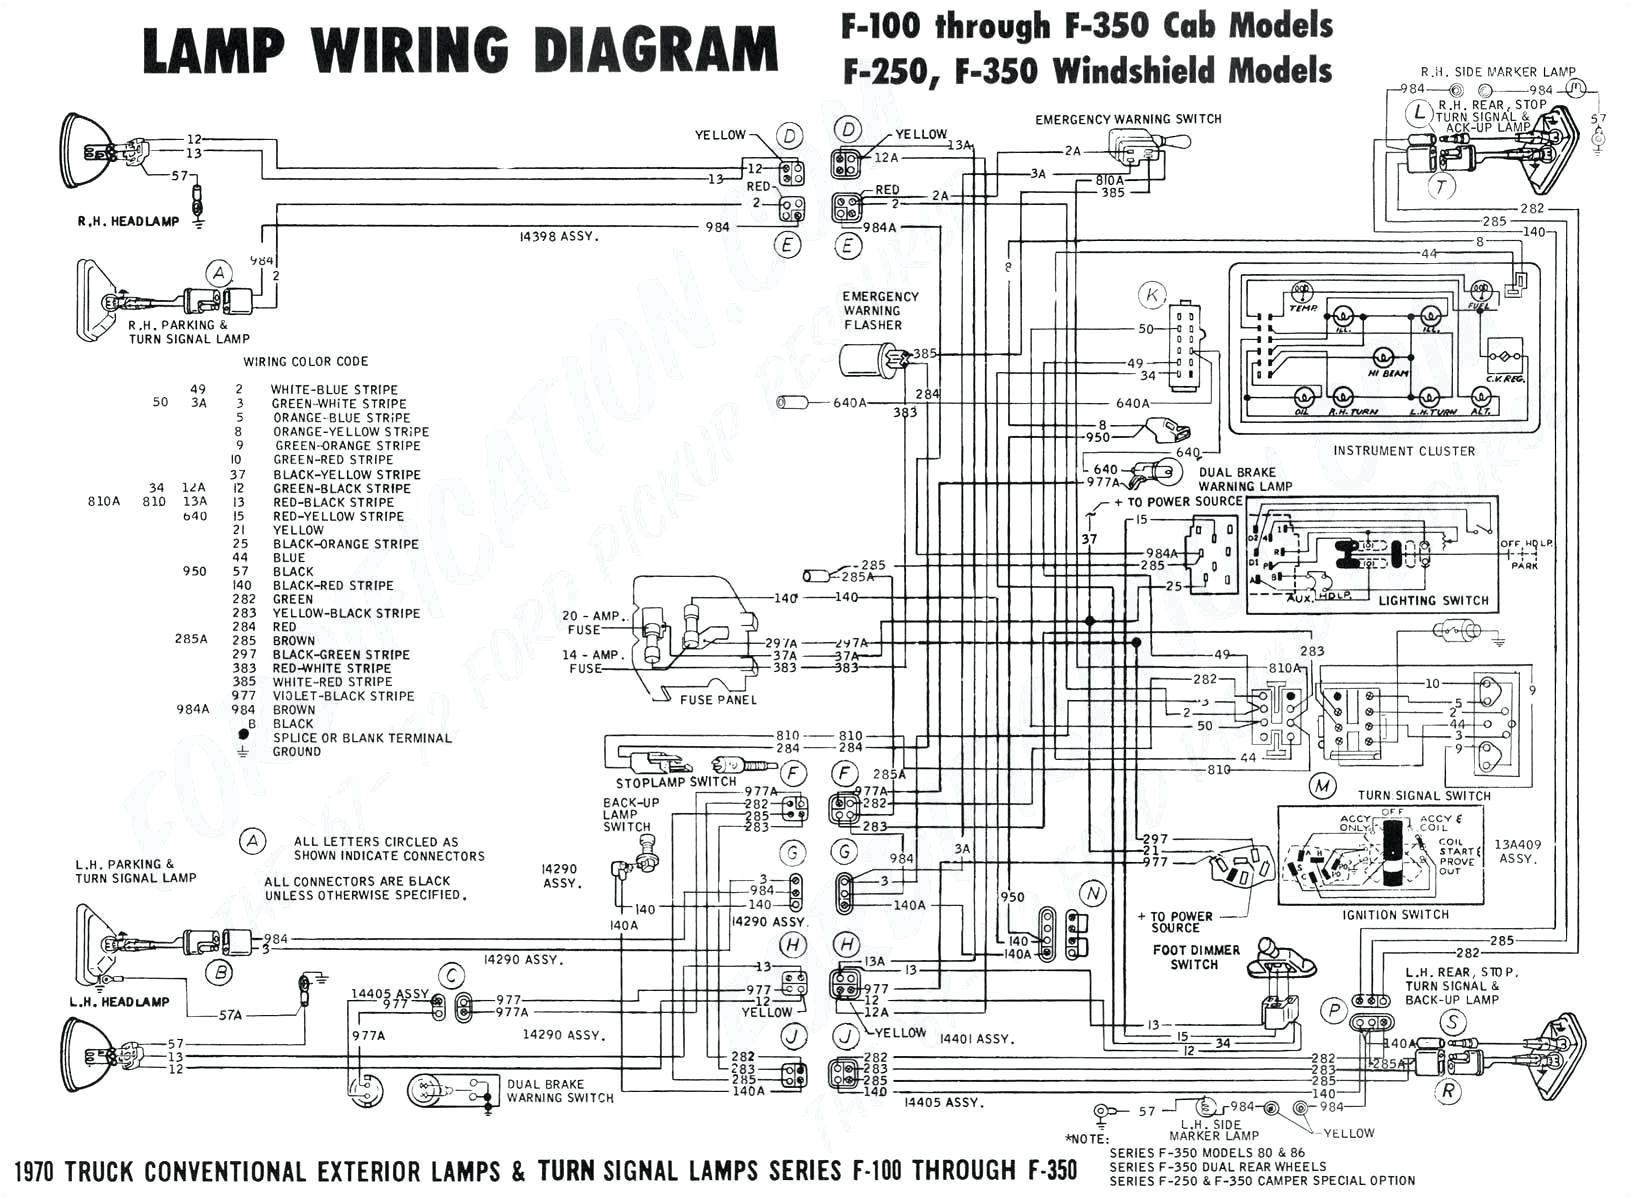 sparx wiring diagram data schematic diagram sparx electronic ignition wiring diagram sparx wiring diagram